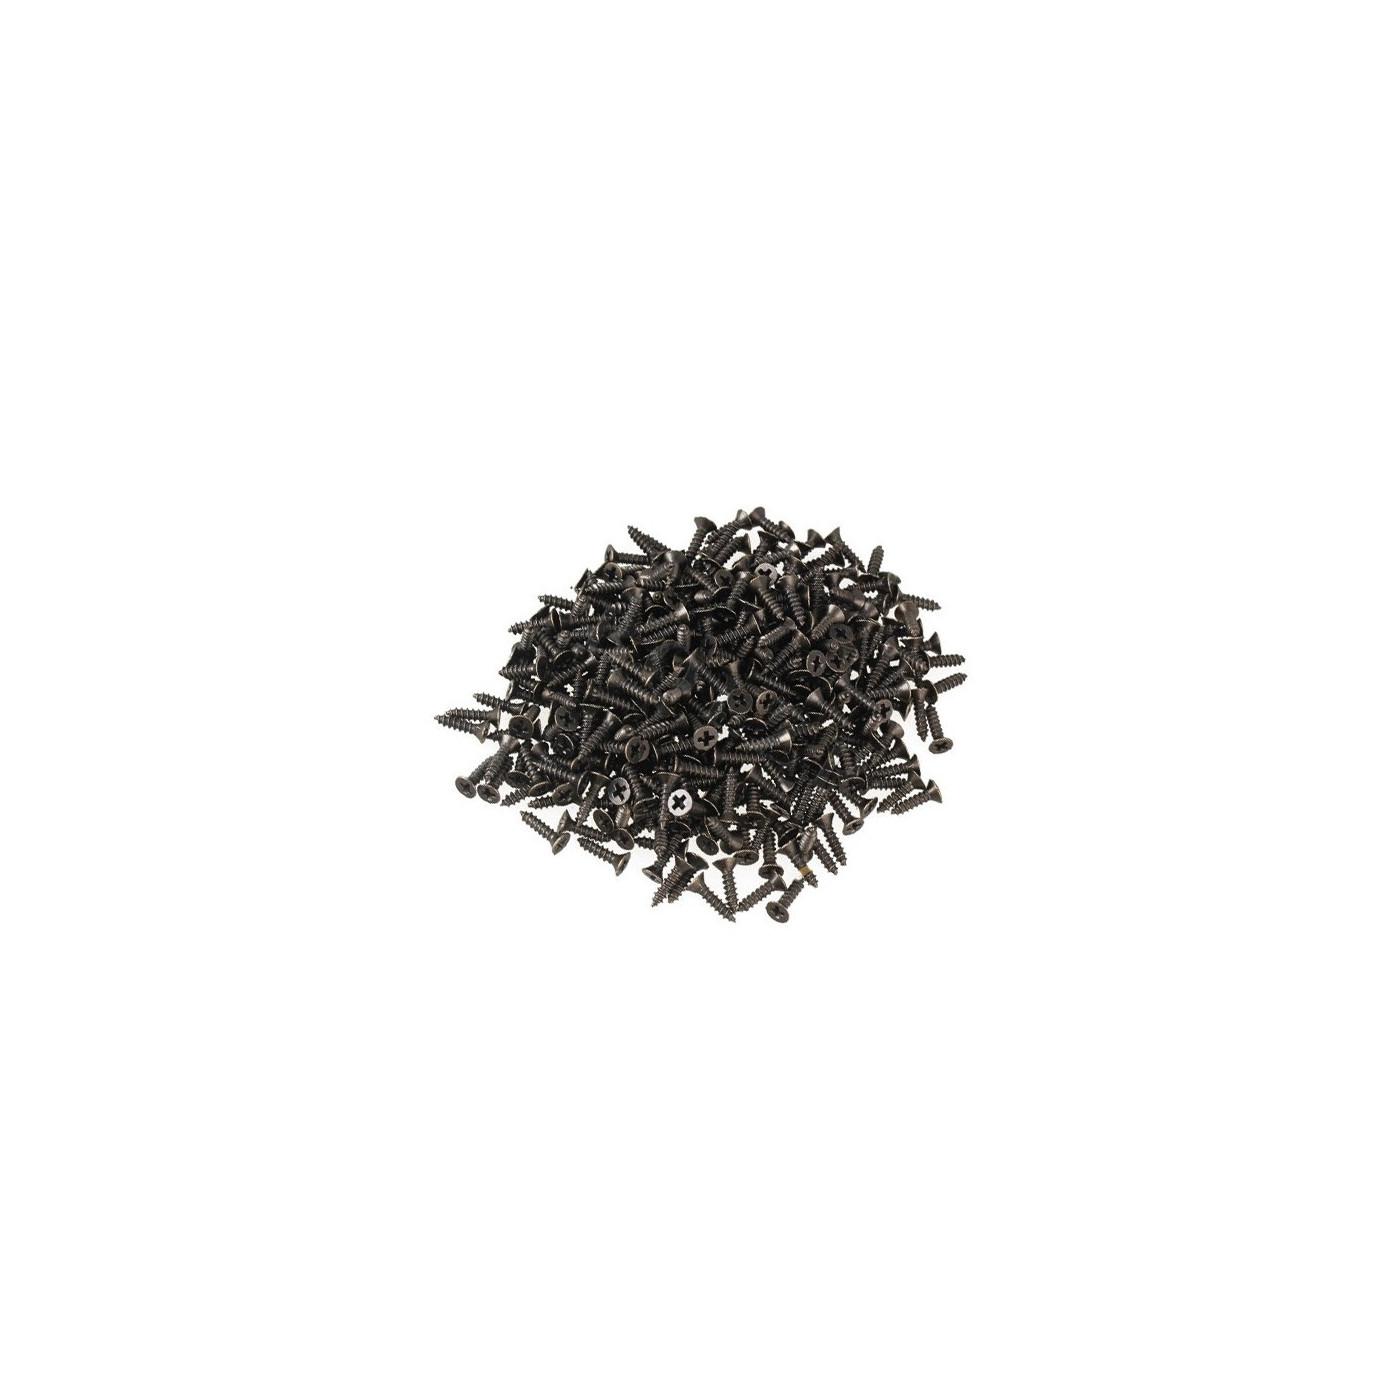 Conjunto de 300 mini parafusos (2,0x8 mm, escareado, cor de bronze)  - 1